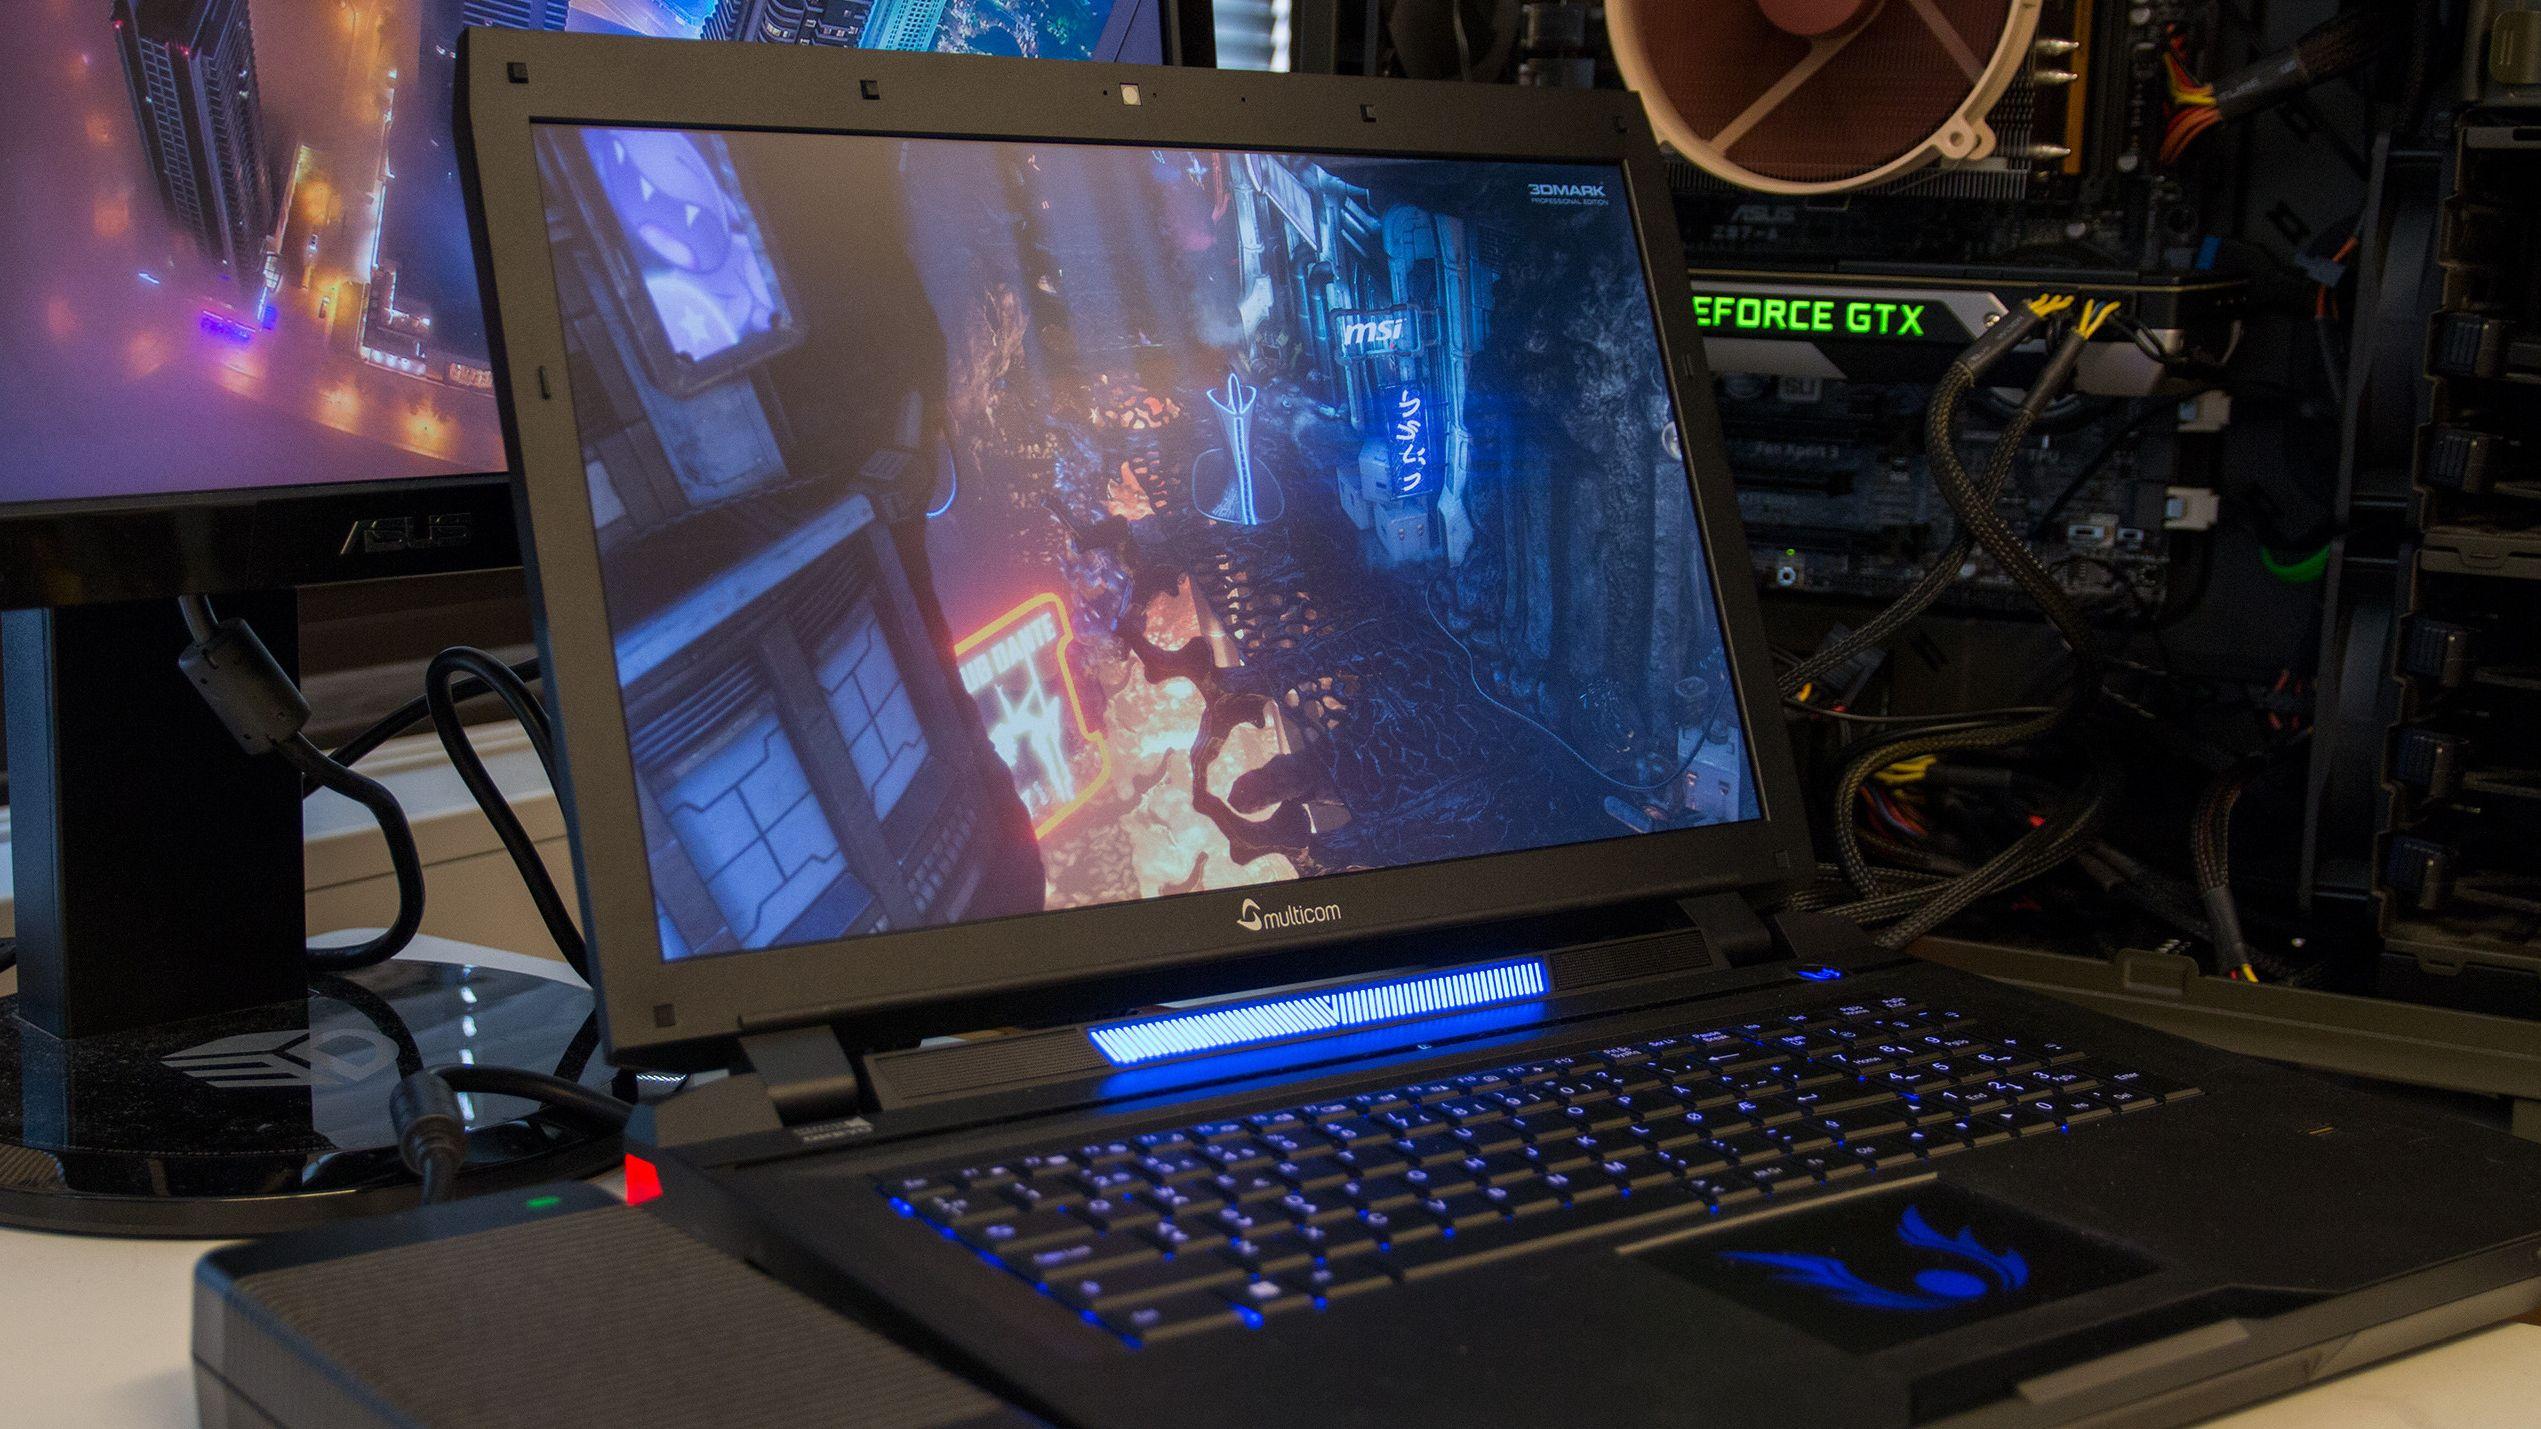 GeForce GTX 980M SLI